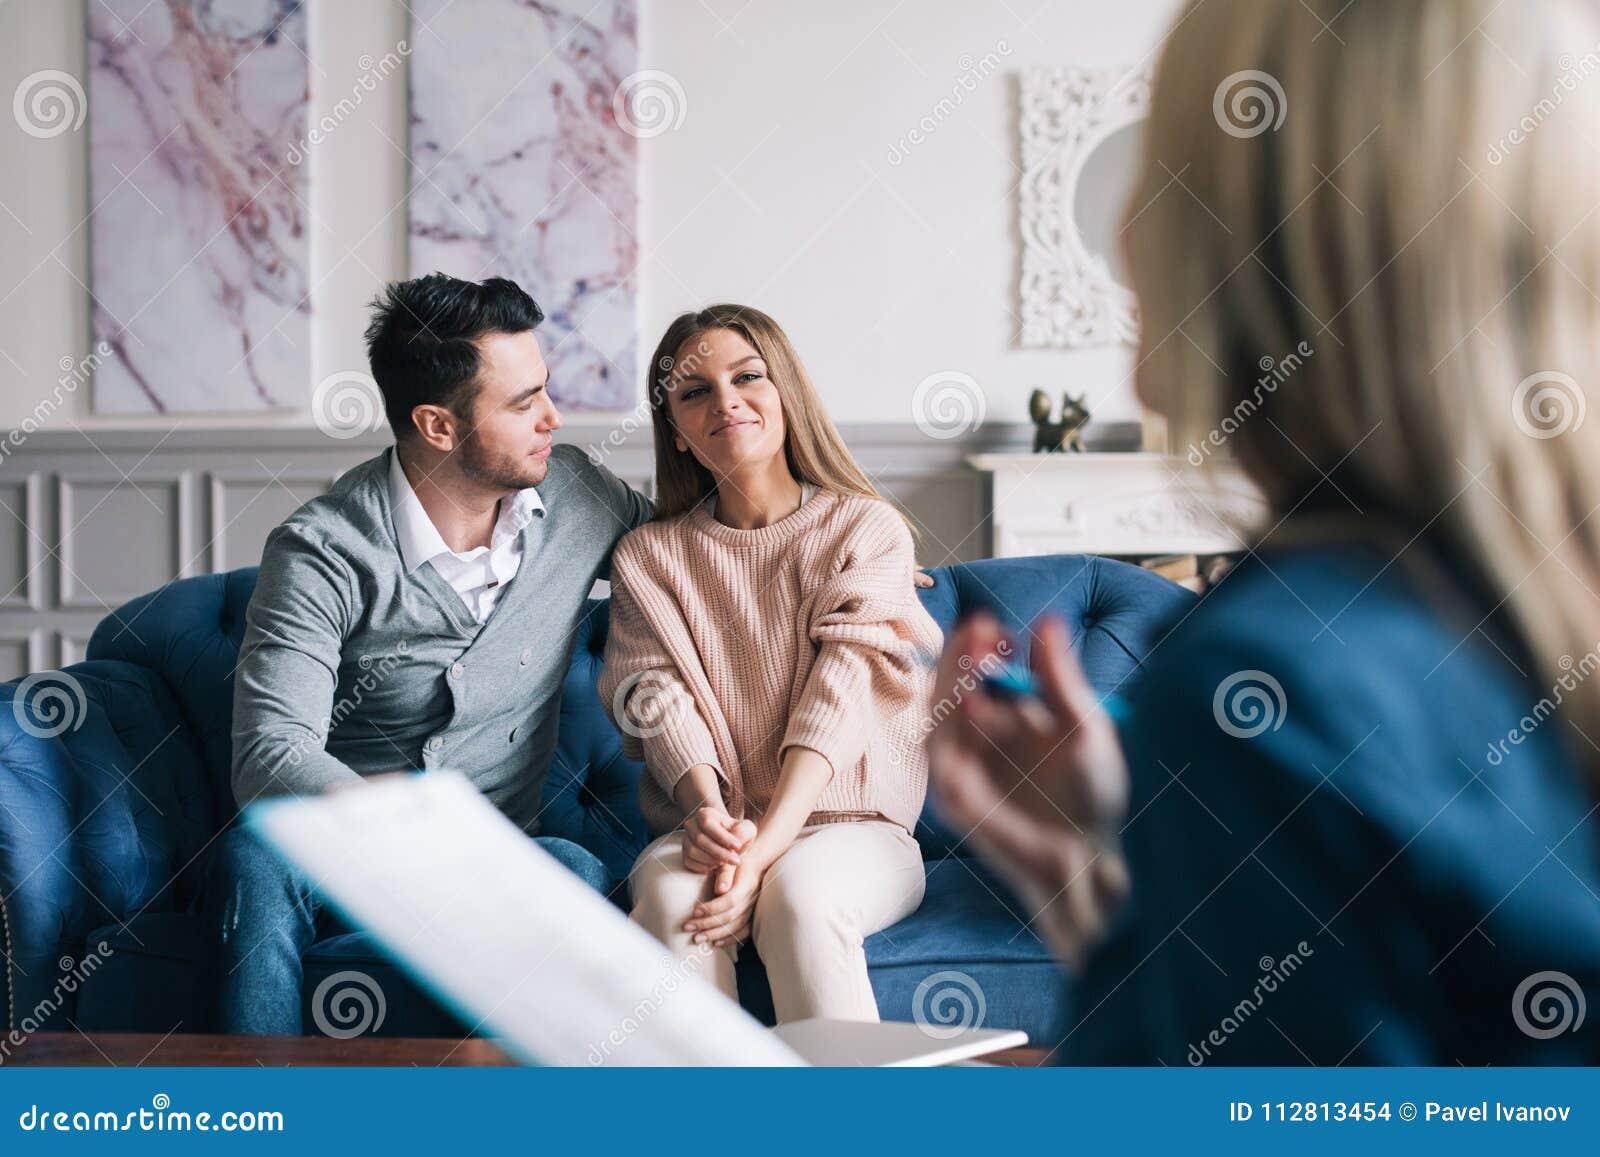 Piękni i szczęśliwi potomstwa dobierają się odwiedzać psychologa dla związku doradzać